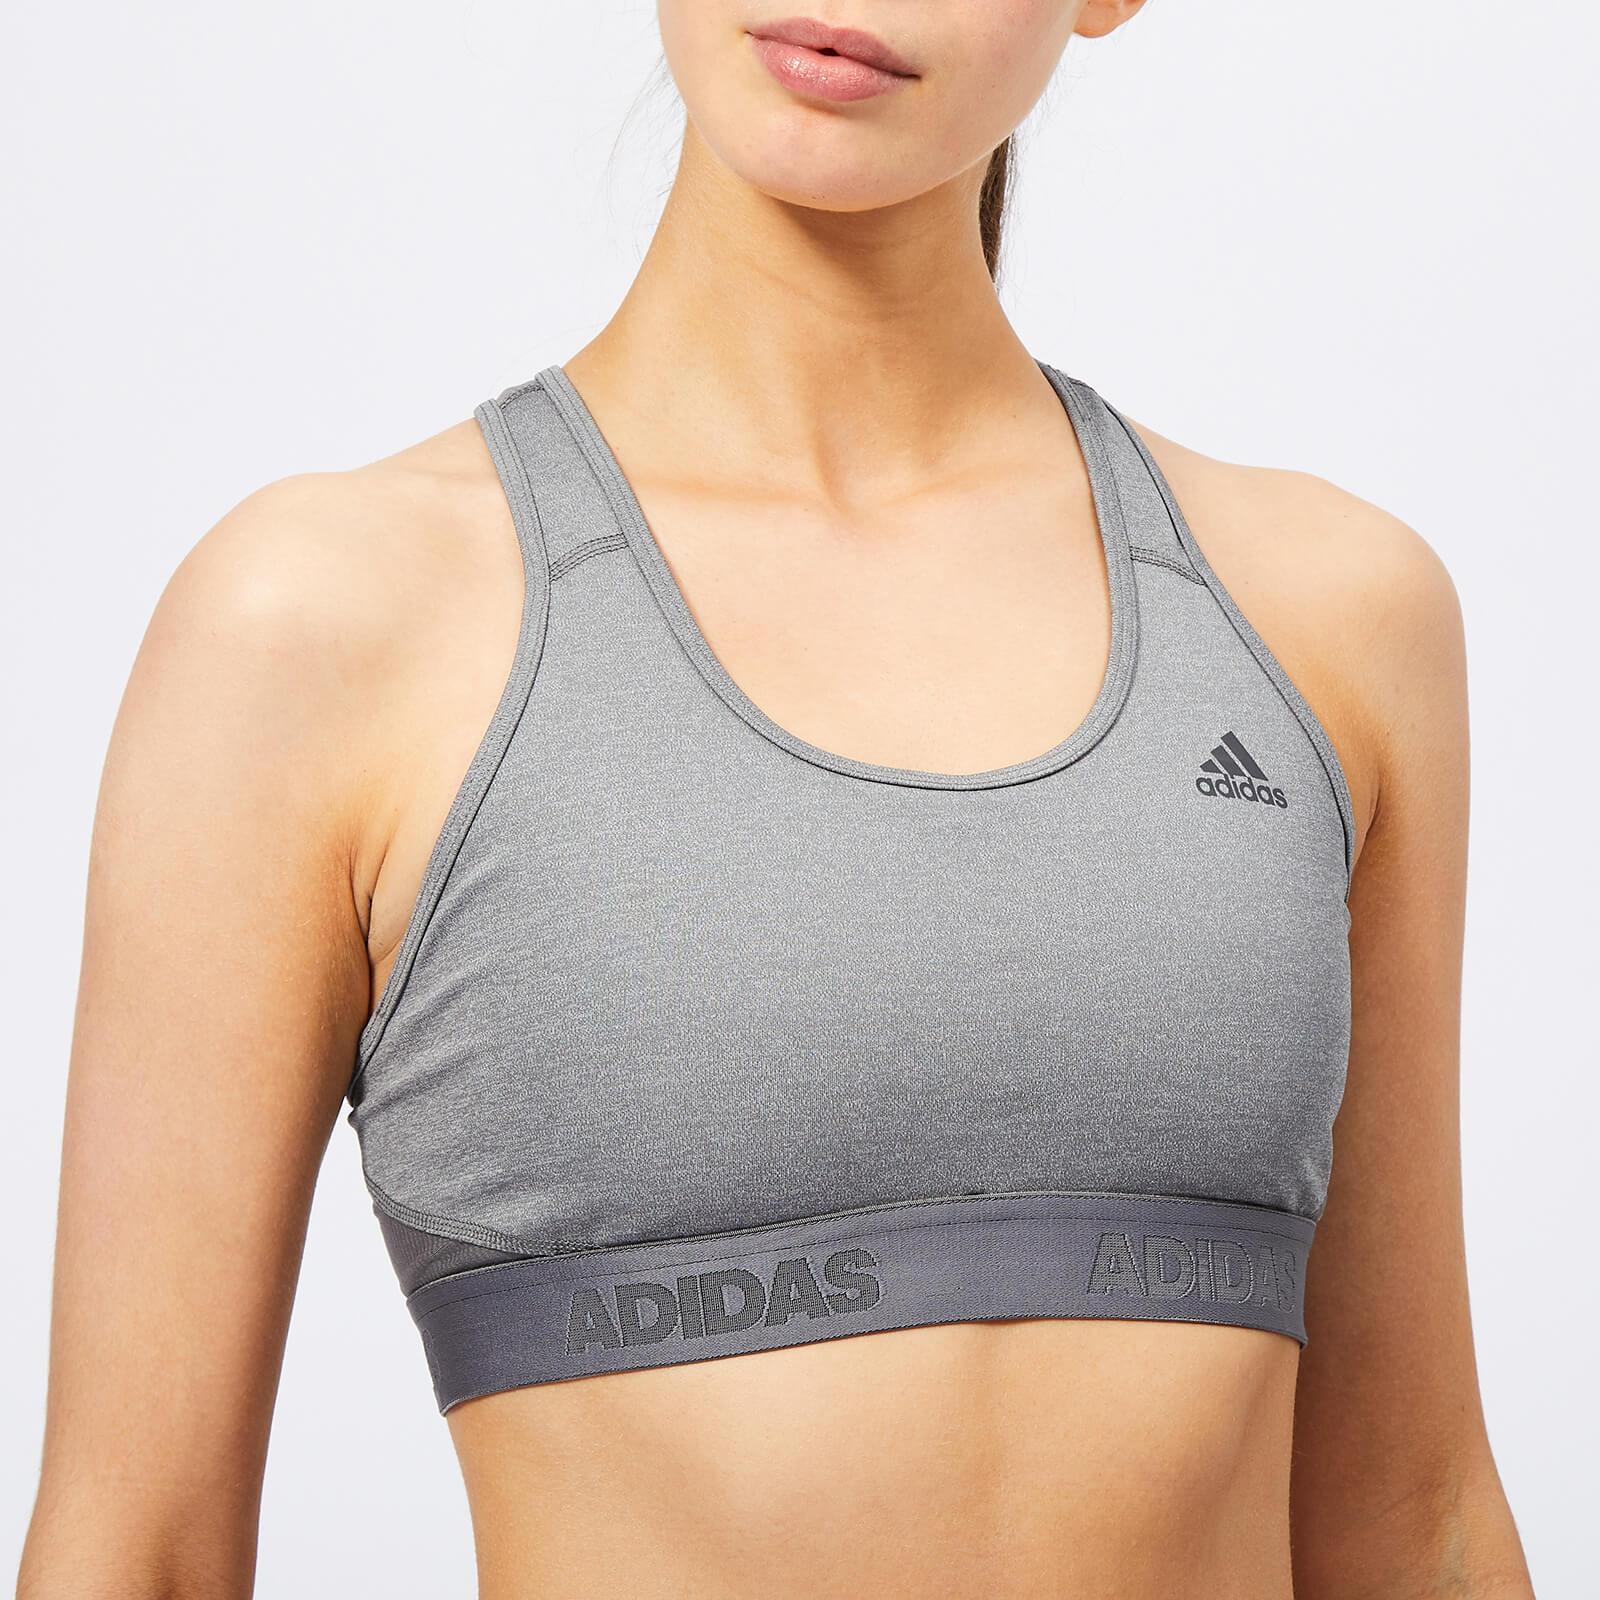 adidas Women's Don't Rest Alphaskin Sports Bra - Grey - S - Grey